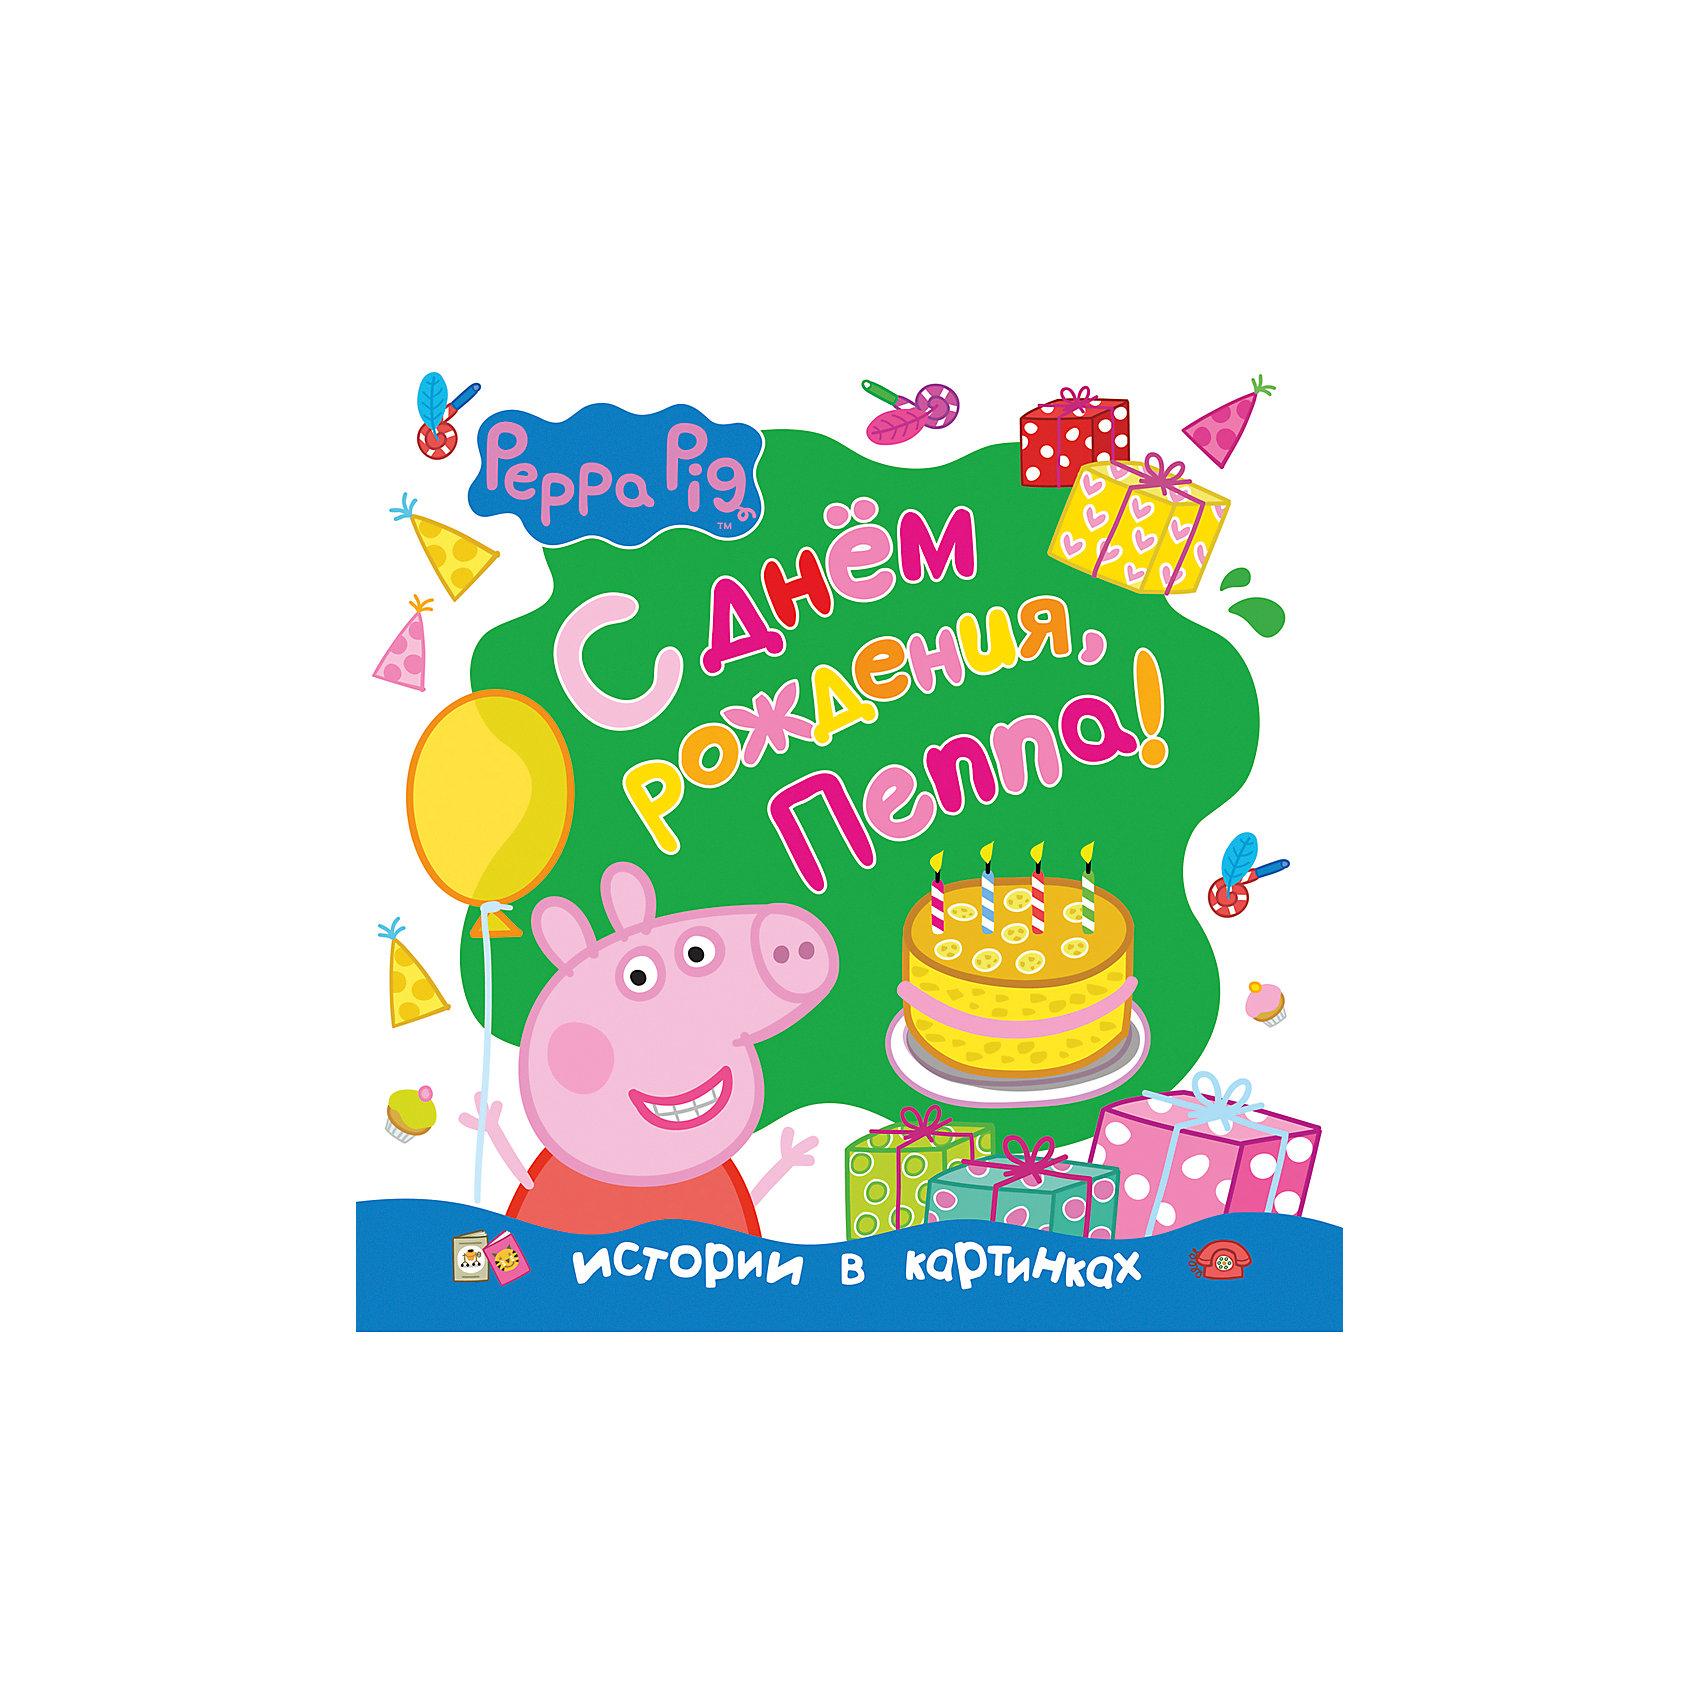 Истории в картинках С Днём рождения, Пеппа!, Свинка ПеппаИстории в картинках С Днём рождения, Пеппа!, Свинка Пеппа – история про свинку Пеппу и ее друзей в красочной книге с твердой обложкой.<br>Свинке Пеппе исполняется четыре года — ура, ура! Будут гости, подарки, вкусные угощения и удивительные магические фокусы. Приглашаем всех на праздник! Повествование сопровождается красочными иллюстрациями и интересными диалогами. Благодаря крупному шрифту и несложным текстам издание отлично подойдет в качестве первой книги для чтения, а малыши, еще не умеющие читать, смогут слушать сказку и рассматривать красивые картинки. Веселая история про свинку Пеппу подарит вашему ребенку массу положительных эмоций.<br><br>Дополнительная информация:<br><br>- Редактор: Смилевска Л.<br>- Издательство: Росмэн<br>- Тип обложки: твердый переплет<br>- Иллюстрации: цветные<br>- Количество страниц: 36 (мелованная)<br>- Размер: 225х226х5 мм.<br>- Вес: 297 гр.<br><br>Книгу Истории в картинках С Днём рождения, Пеппа!, Свинка Пеппа можно купить в нашем интернет-магазине.<br><br>Ширина мм: 225<br>Глубина мм: 226<br>Высота мм: 5<br>Вес г: 297<br>Возраст от месяцев: 24<br>Возраст до месяцев: 60<br>Пол: Унисекс<br>Возраст: Детский<br>SKU: 4565563